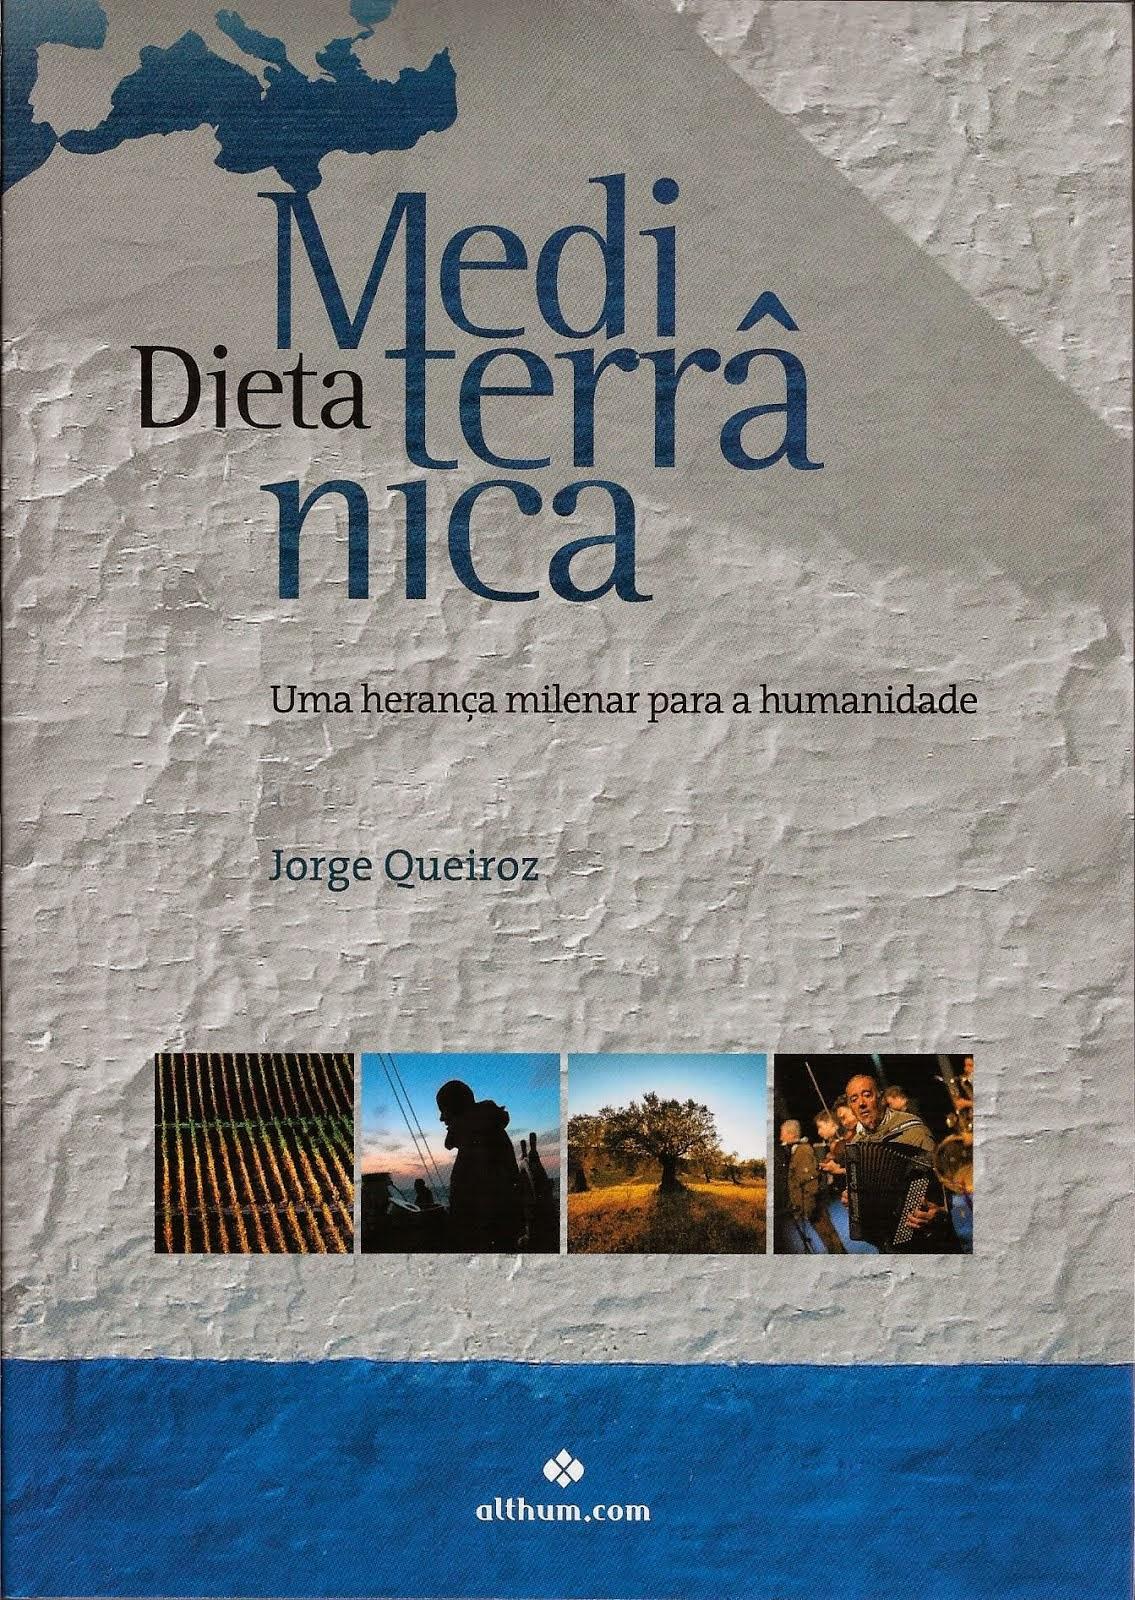 Dieta Mediterrânica – Uma herança milenar para a humanidade